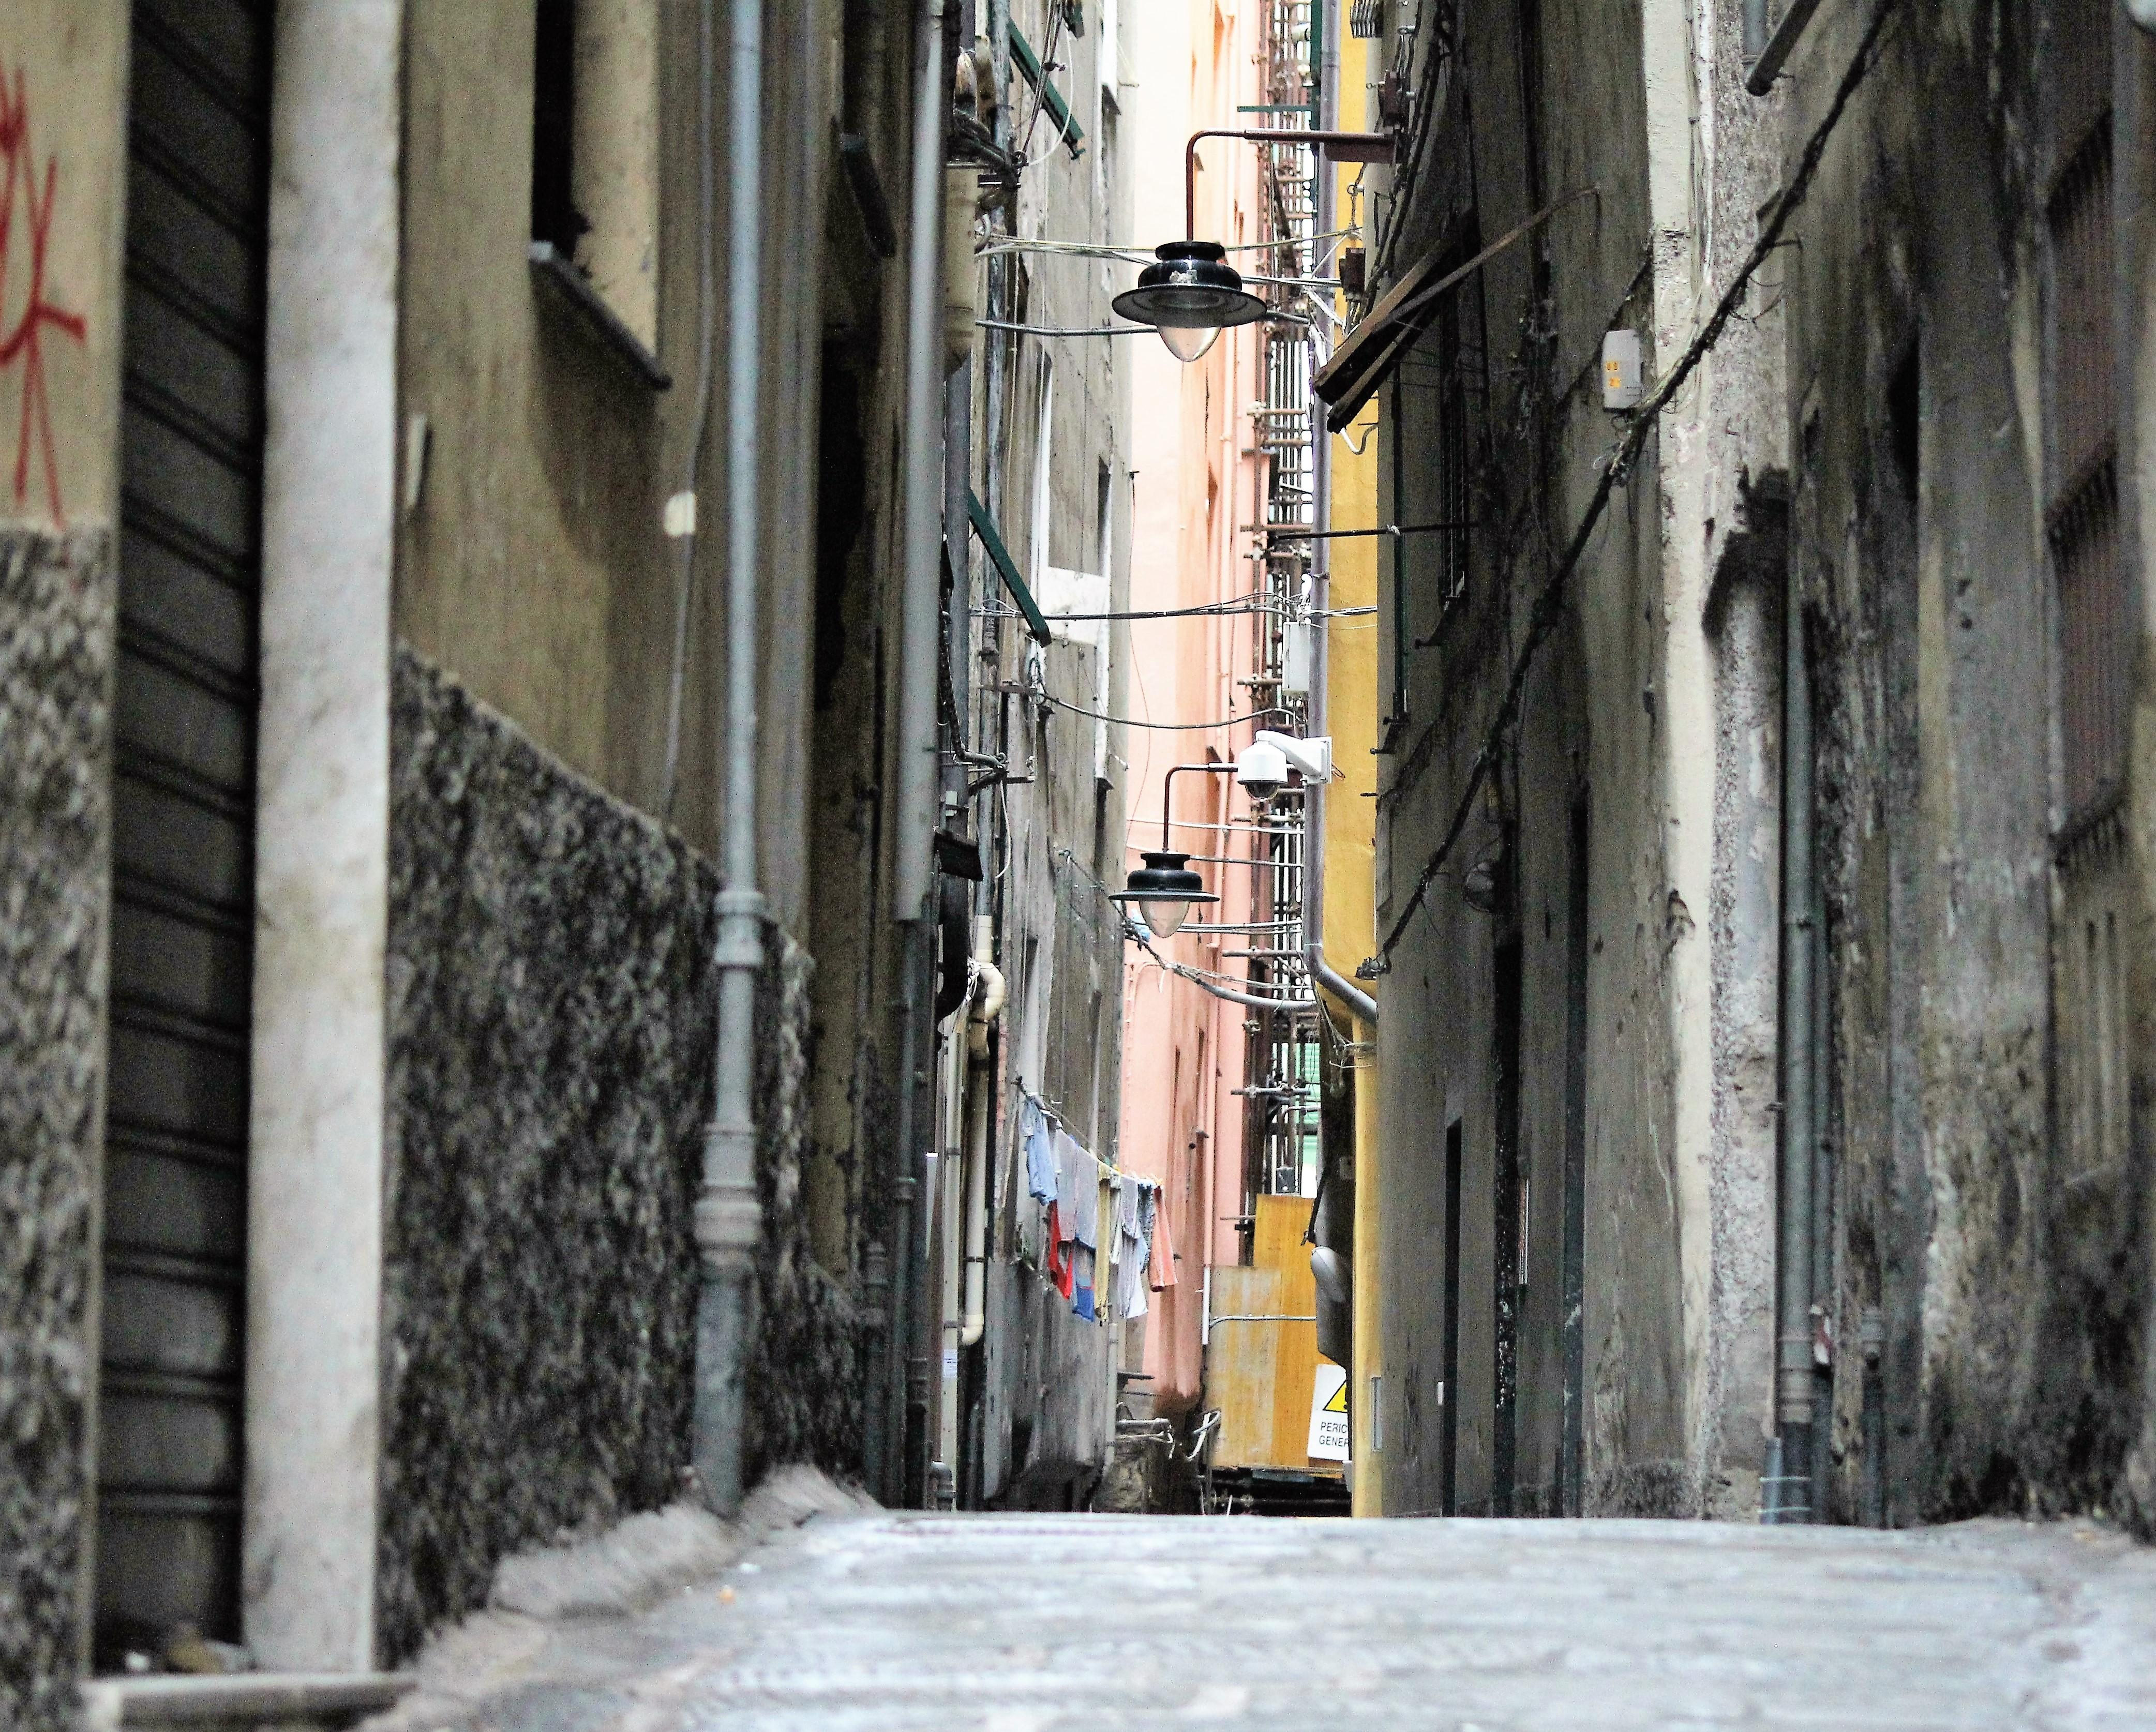 05-genua-vico-della-croce-bianca-na-srednioweiecznej-starowce-na-takich-uliczkach-latwo-zrozumiec-pojecie-mrokow-srednipwiecza